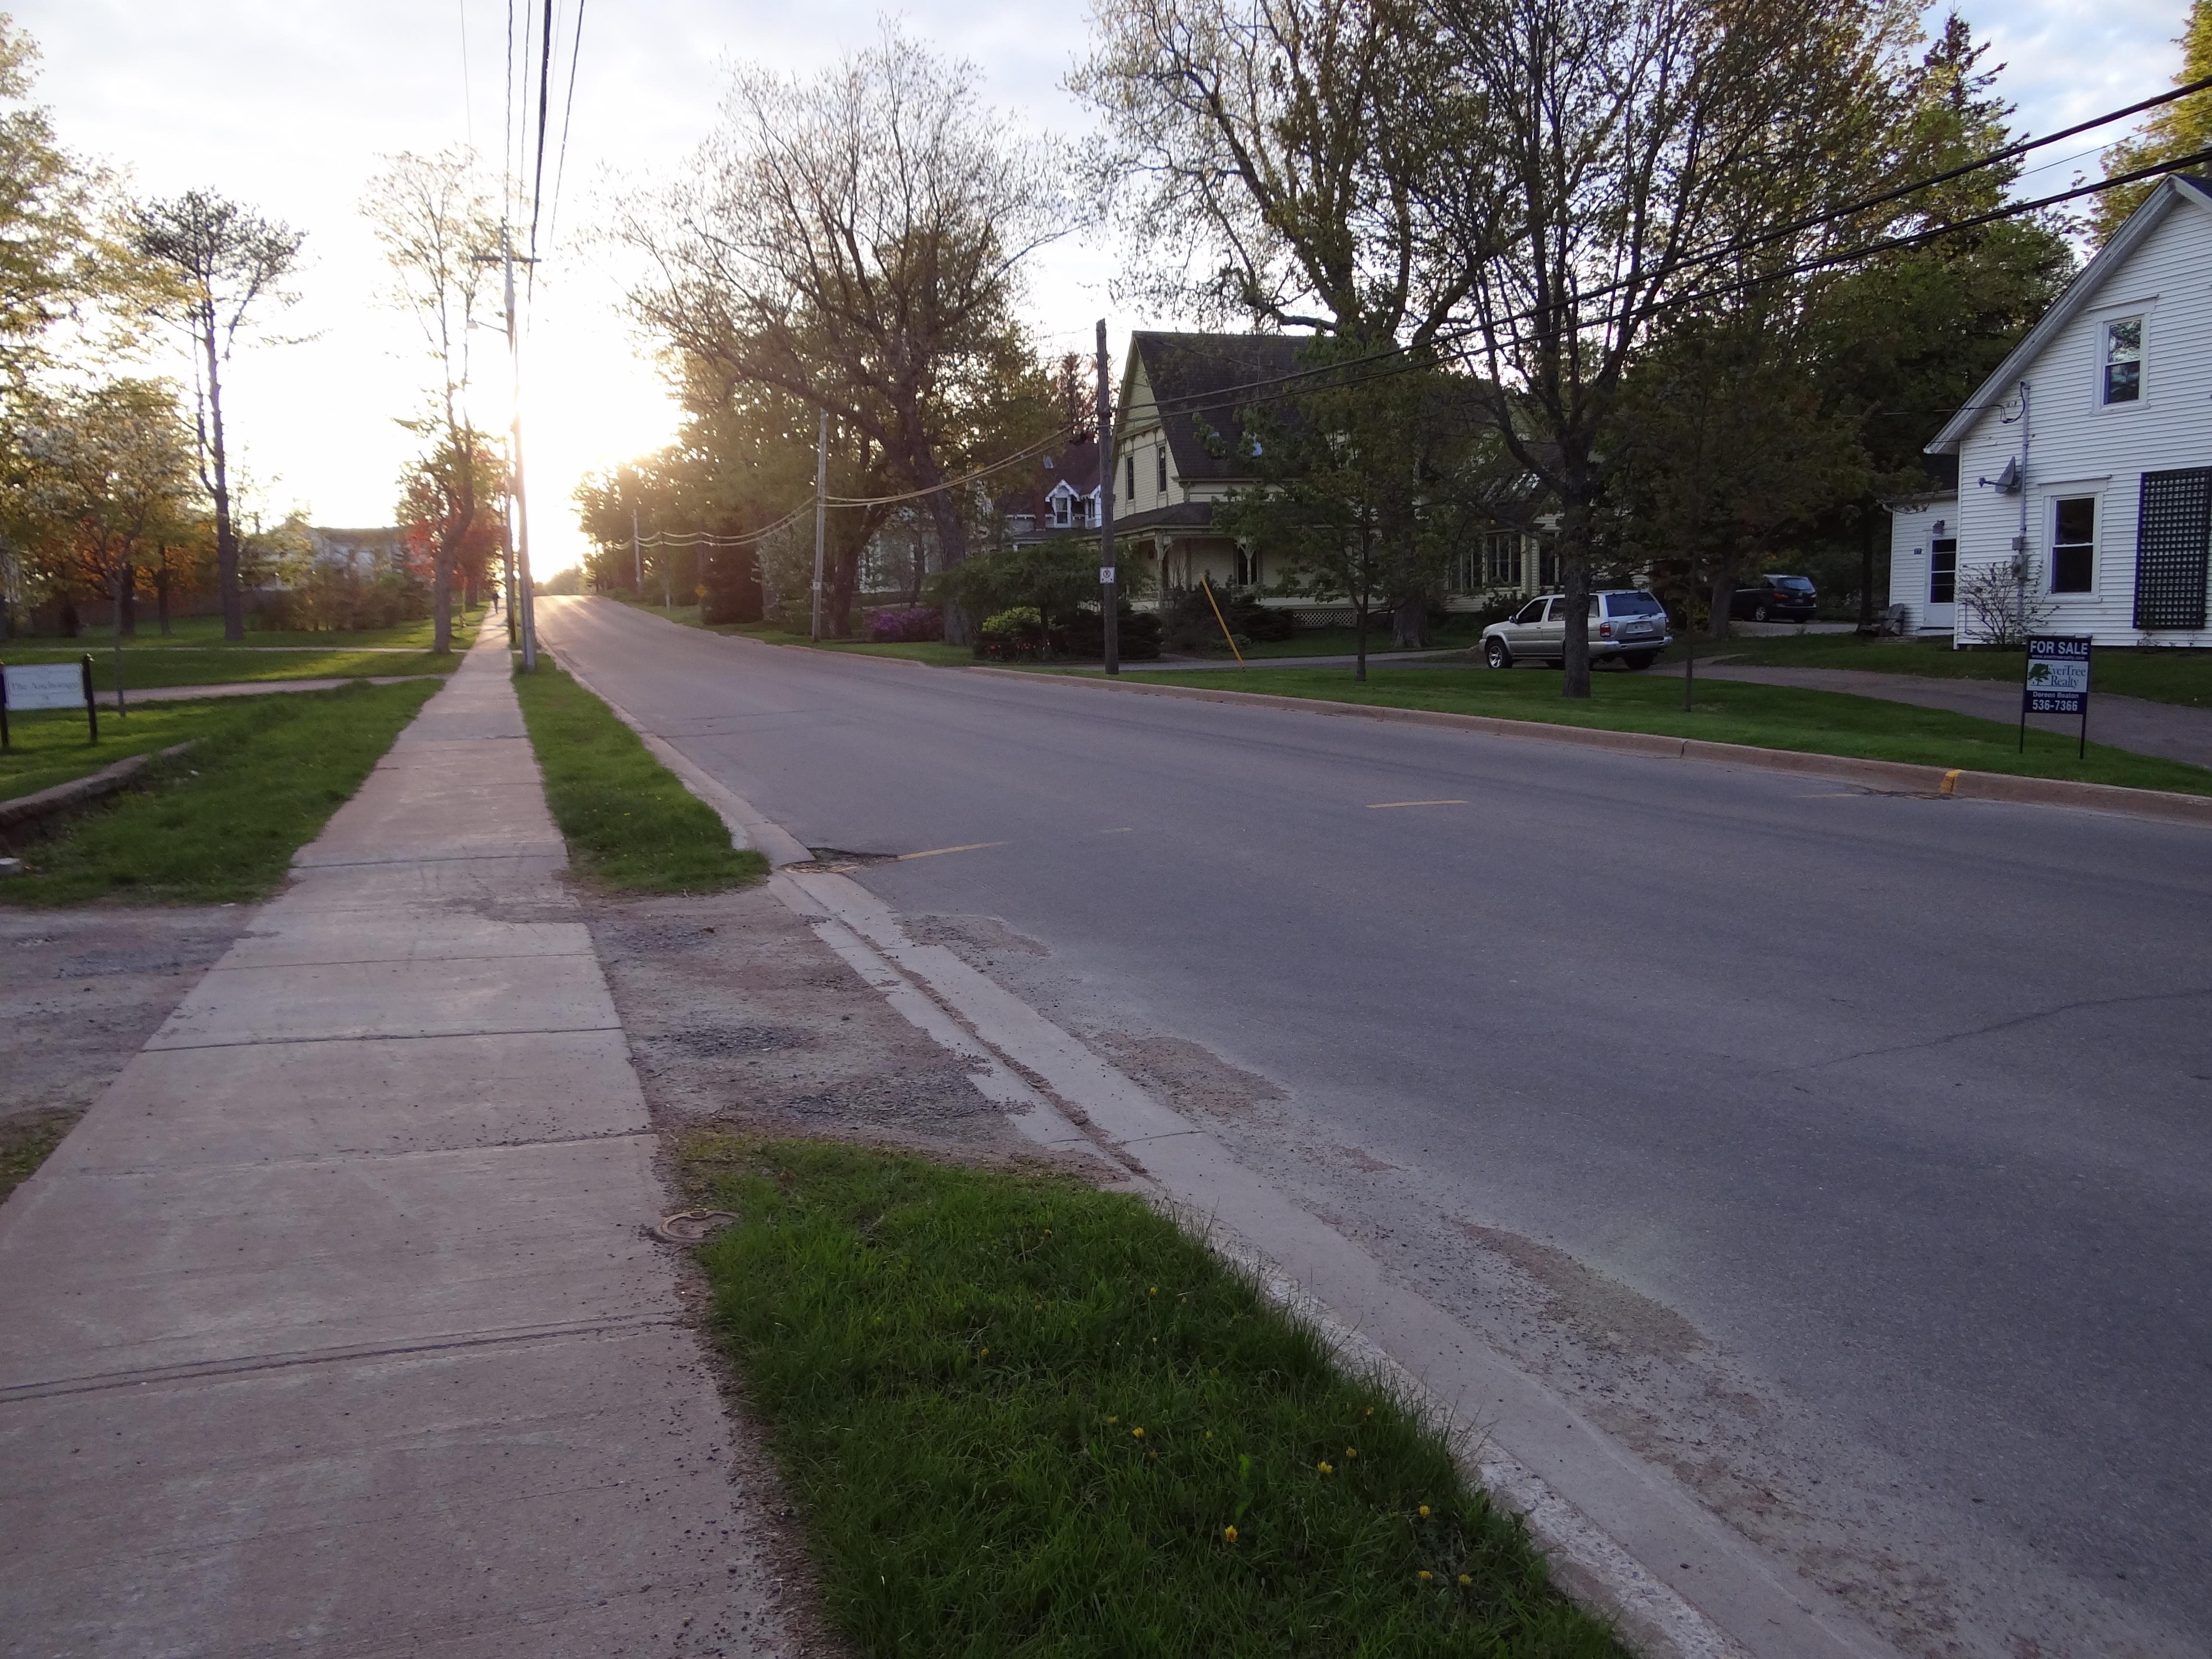 外国の道と街並みの写真です。